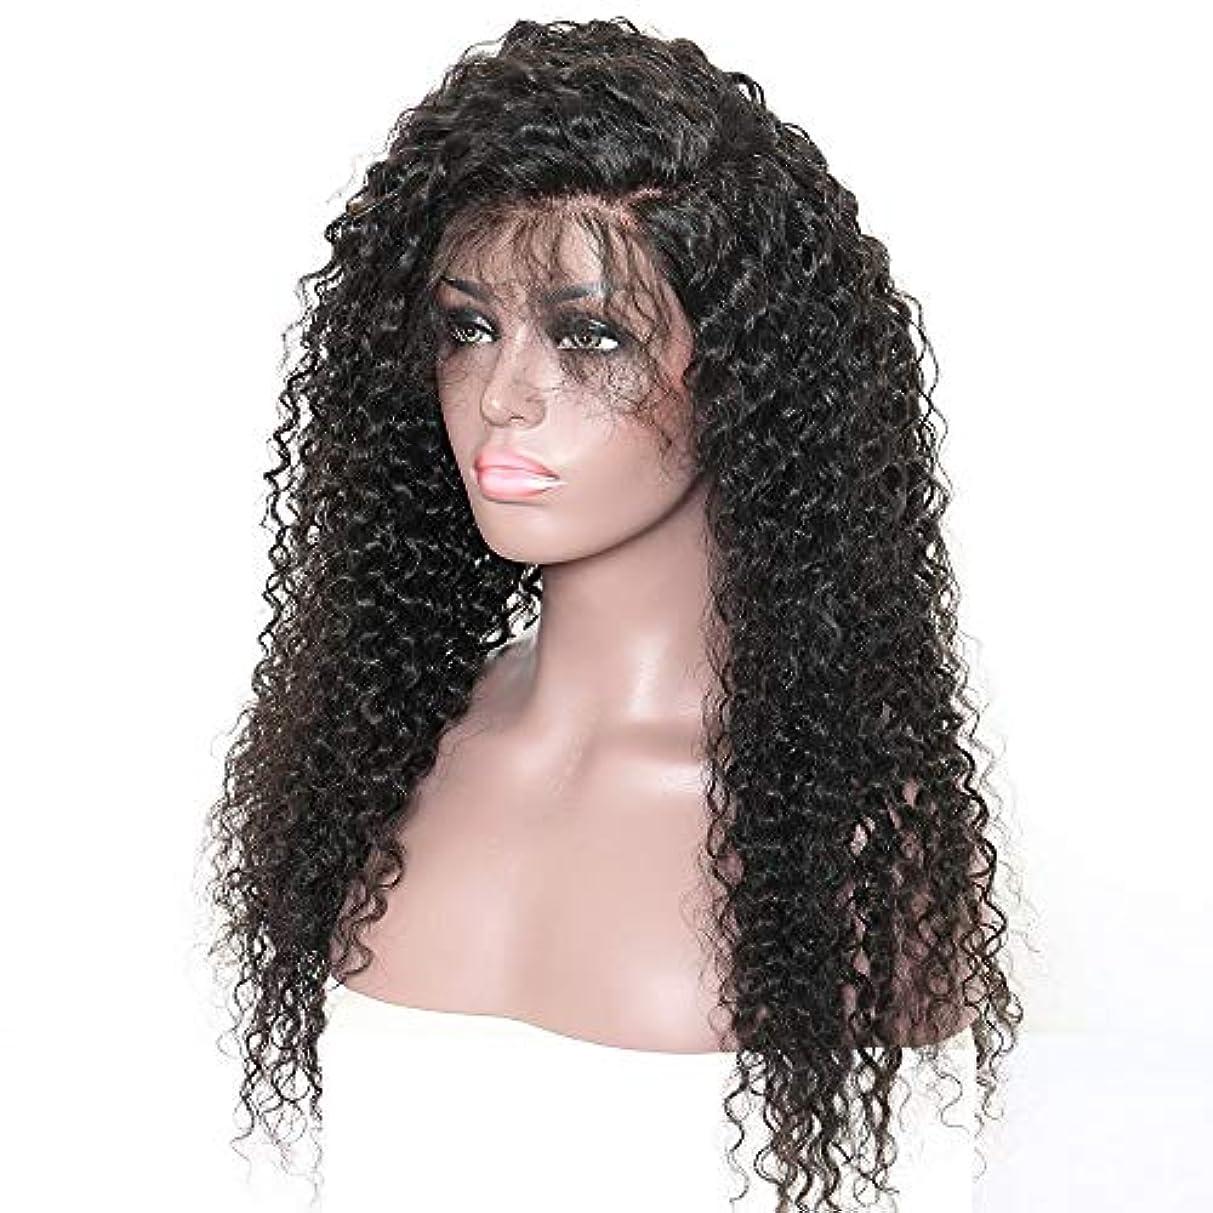 胃有名人スタジオヘアピース ヨーロッパとアメリカのファッションレディースフロントレース黒小ボリュームかつら髪セット長い巻き毛斜め前髪自然な髪かつら